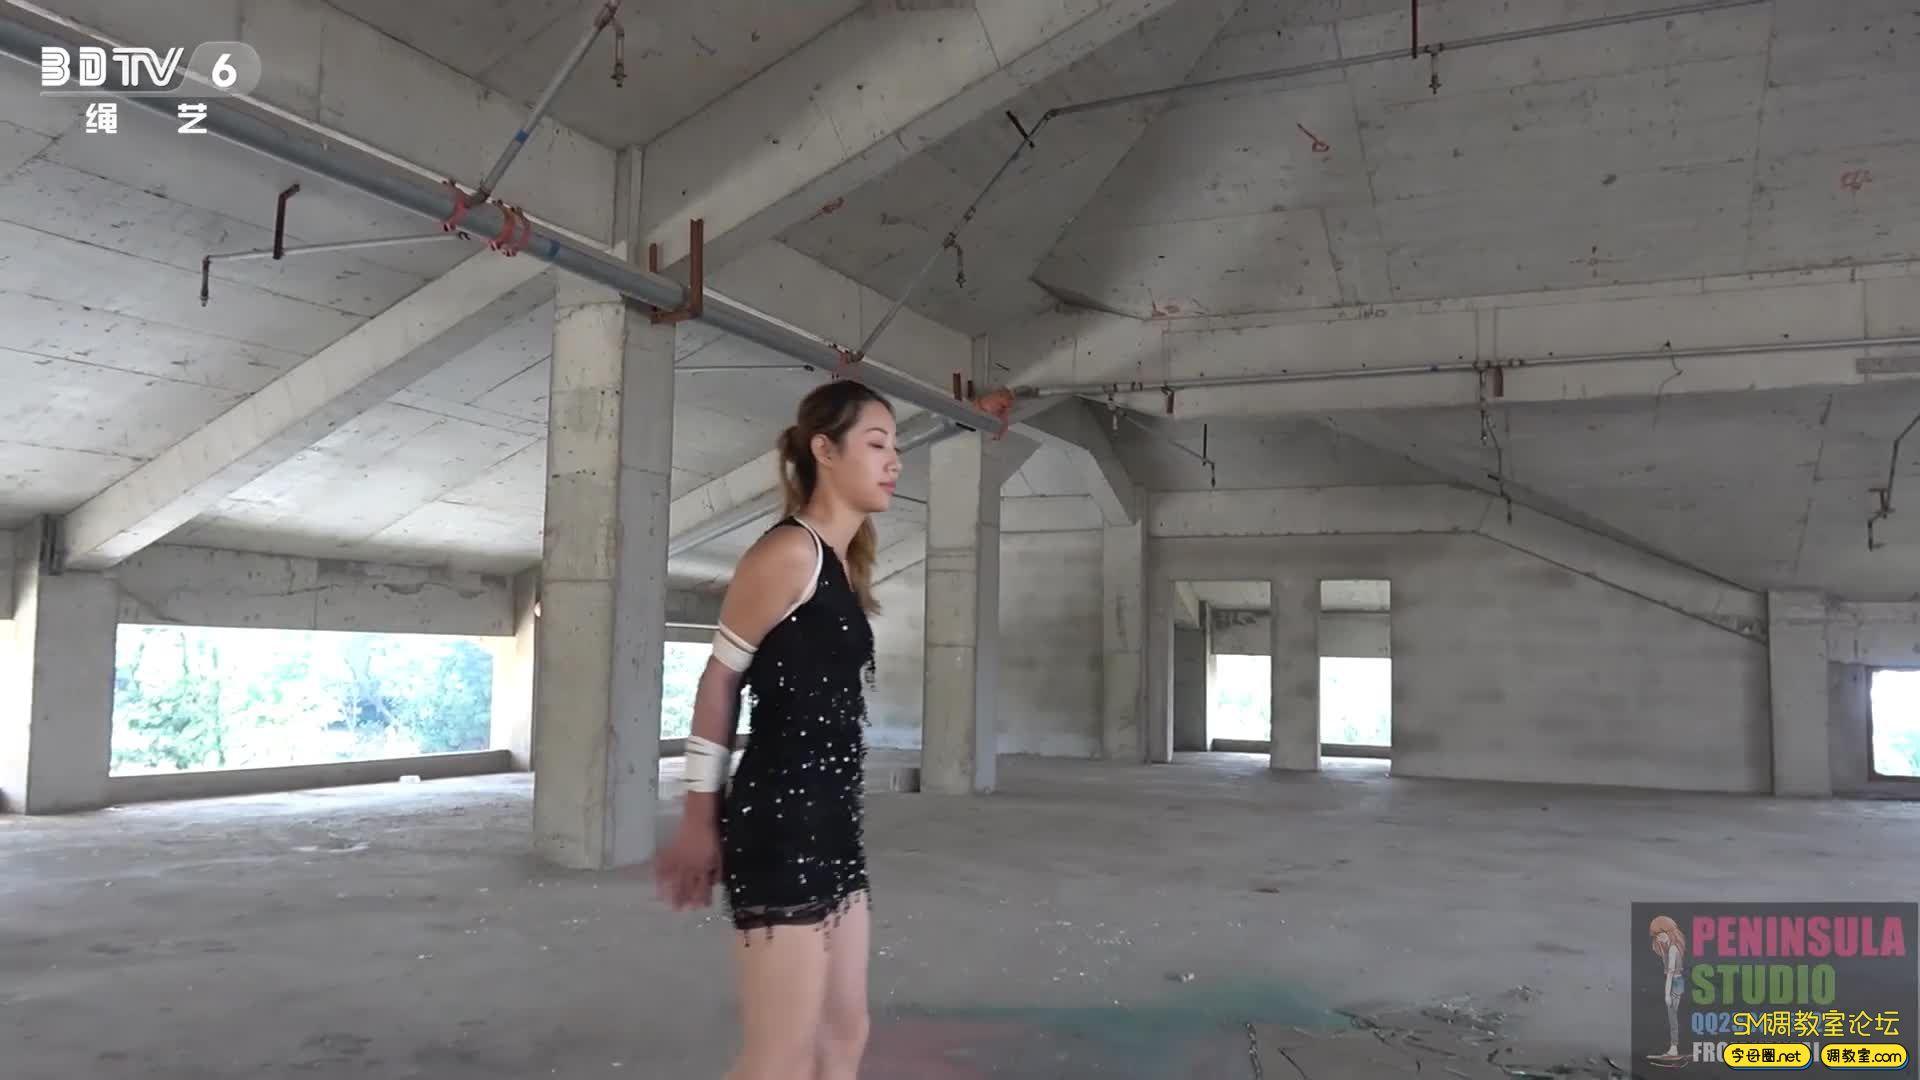 半岛束艺台_舞动的精灵:大美泳装丝袜海岸废墟献舞-视频截图5